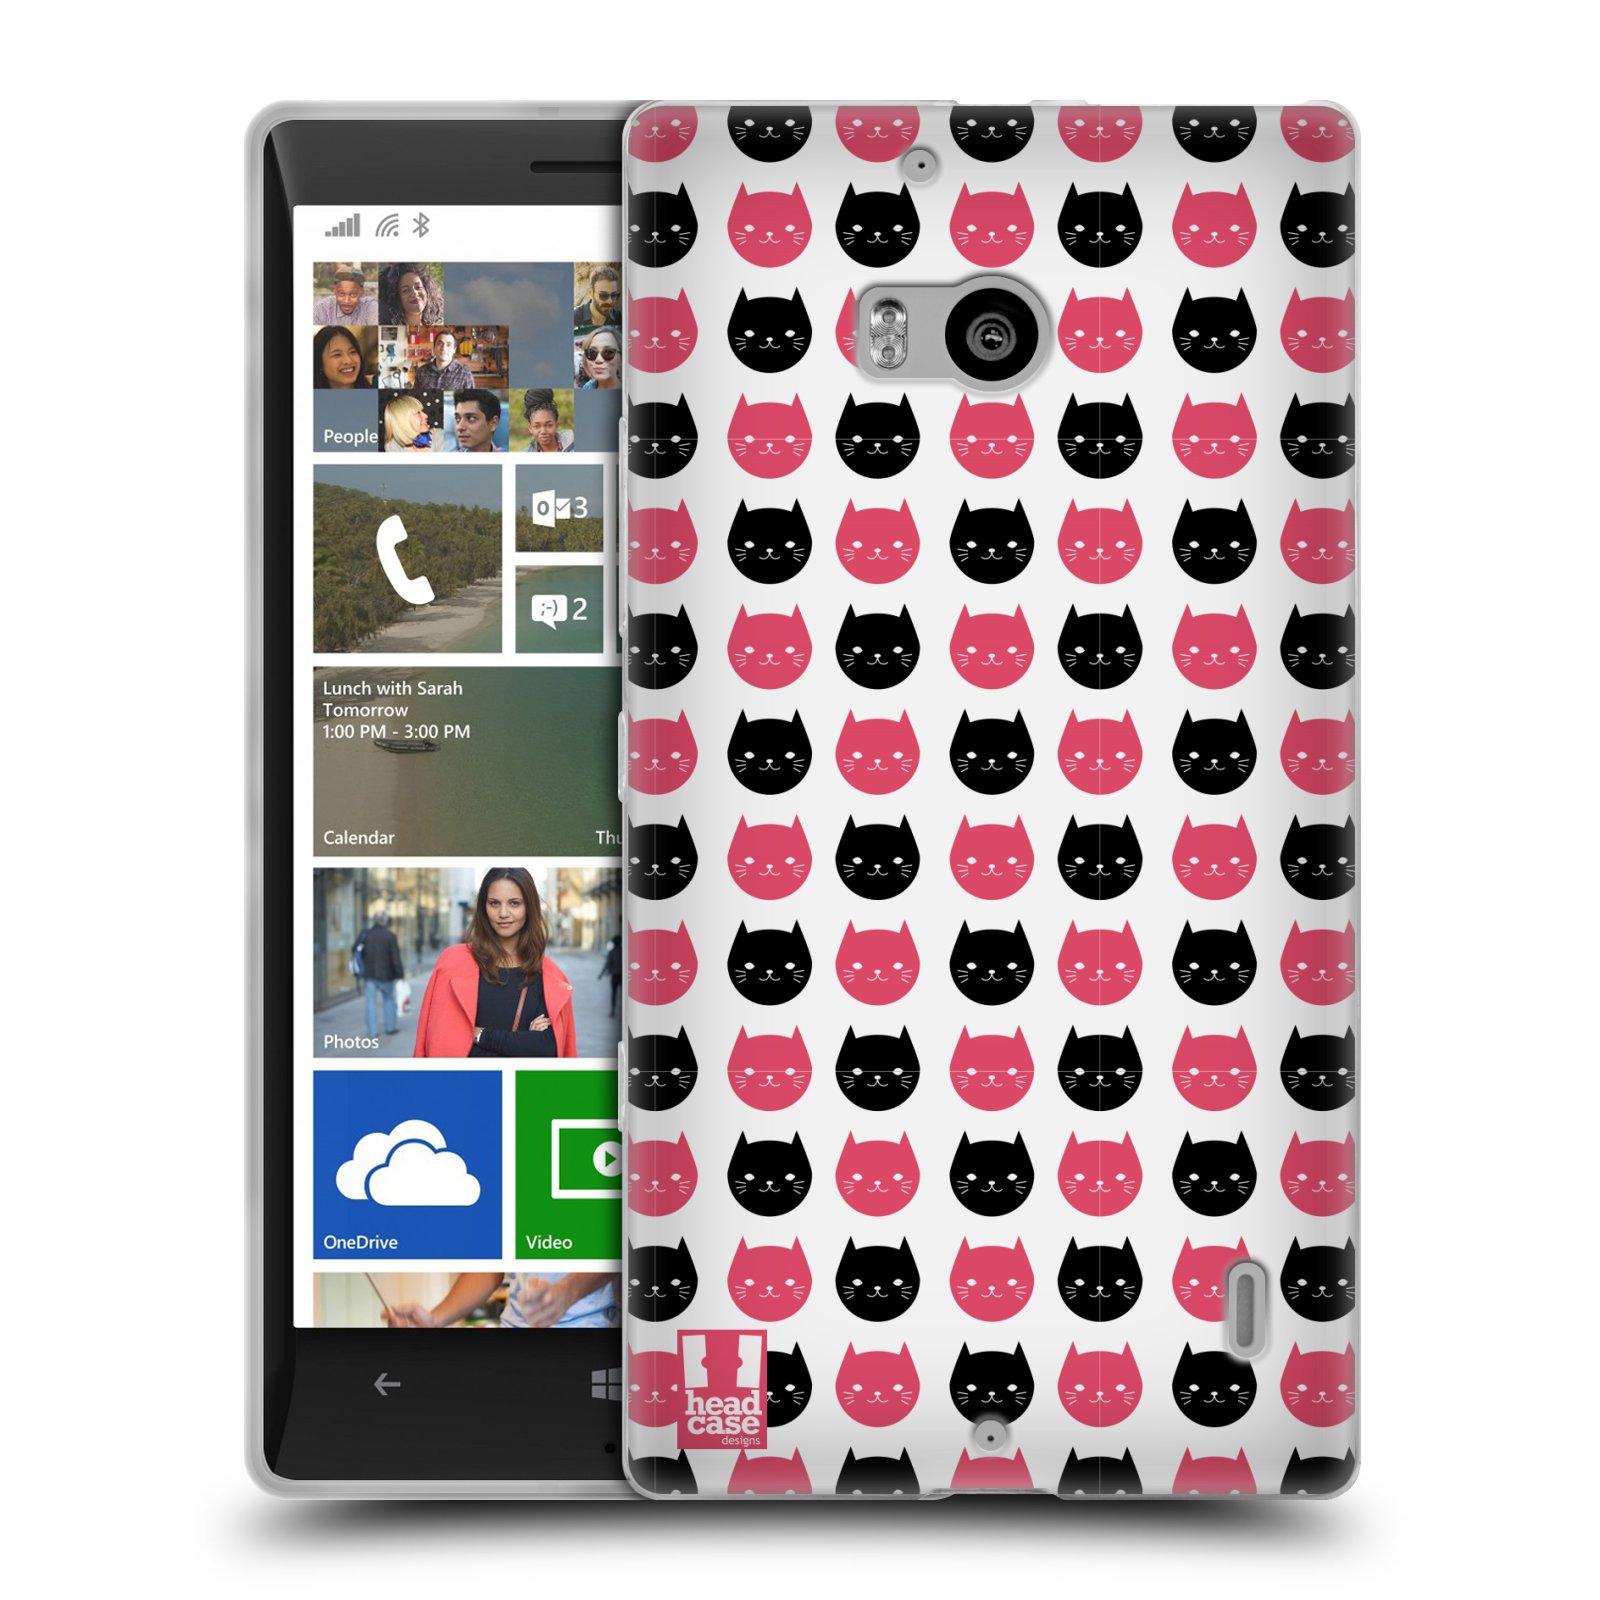 Silikonové pouzdro na mobil Nokia Lumia 930 HEAD CASE KOČKY Black and Pink (Silikonový kryt či obal na mobilní telefon Nokia Lumia 930)